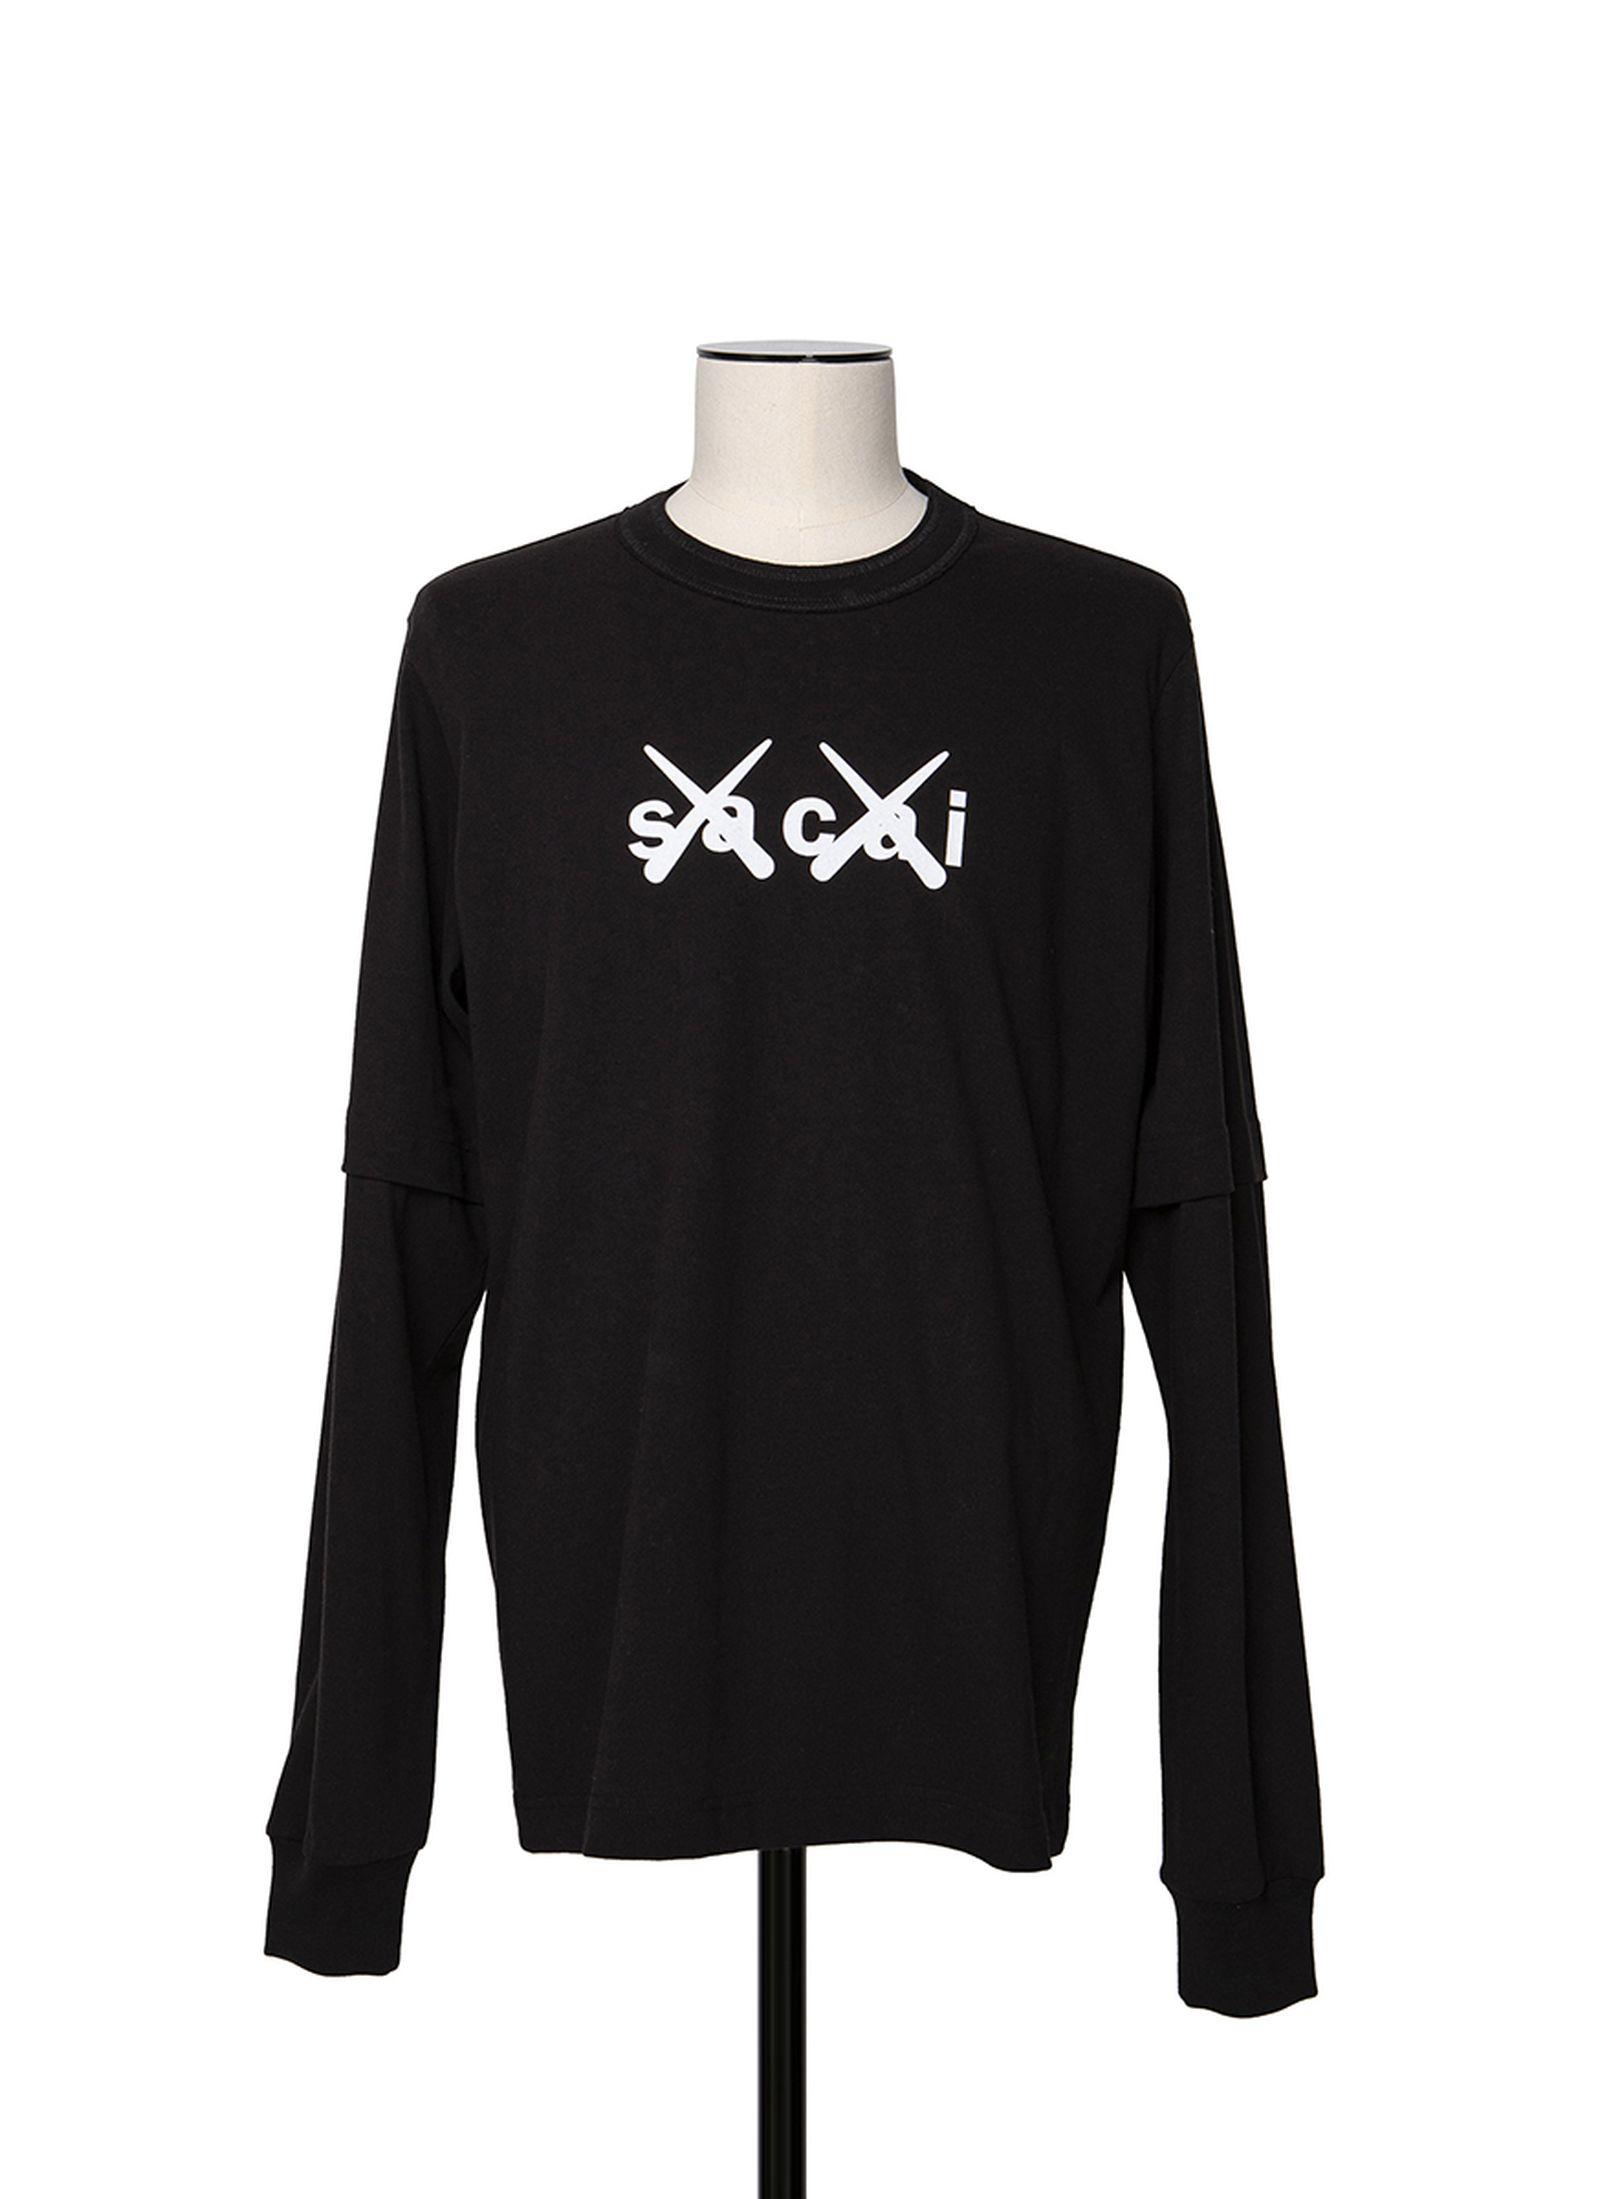 sacai-kaws-fall-2021-collaboration-tee-shirts- (5)